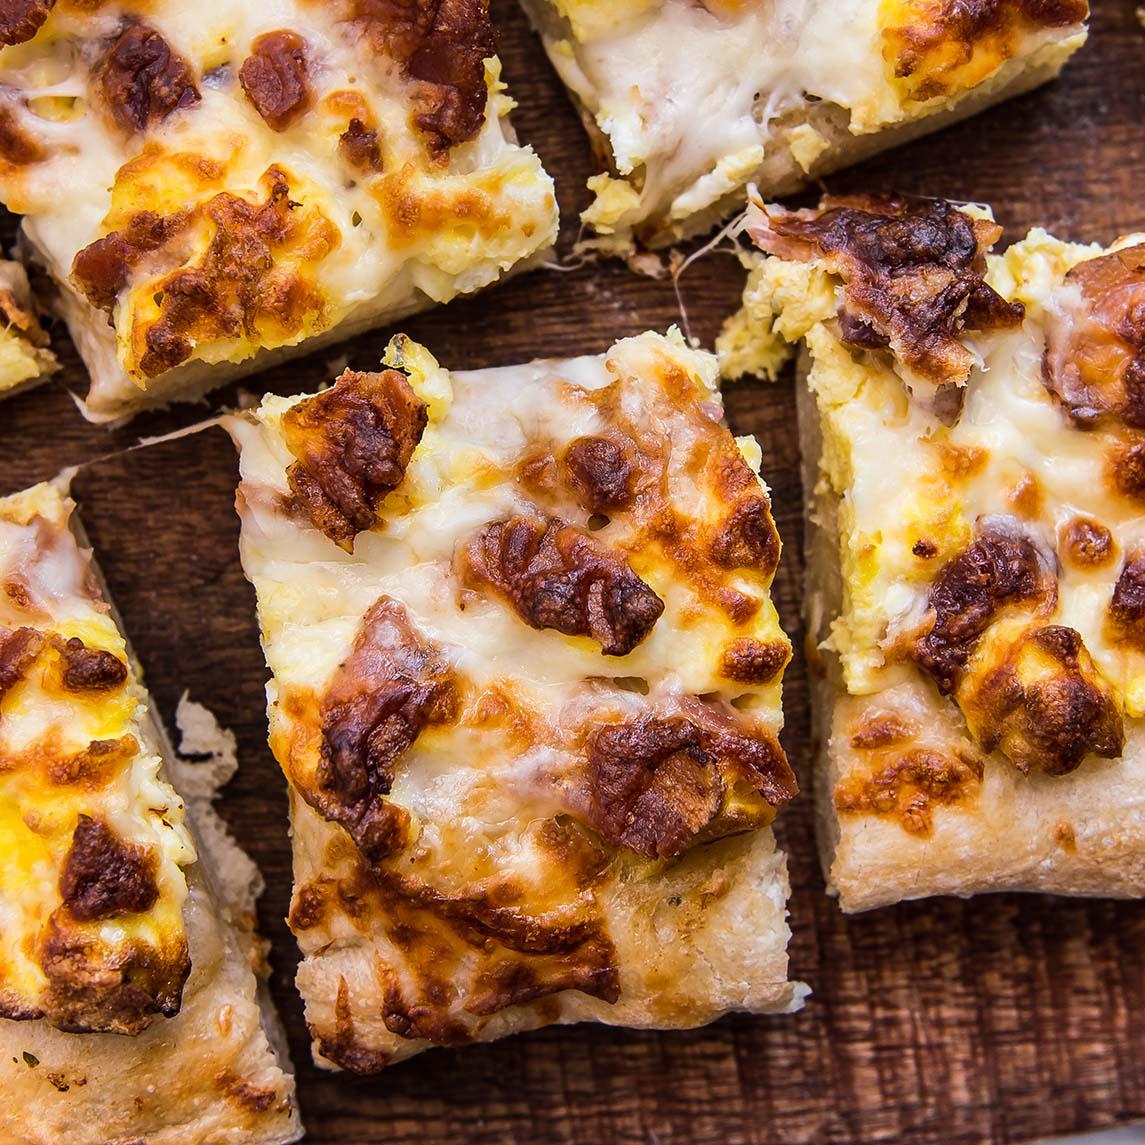 Sheet Pan Breakfast Pizza 5 (1 of 1)